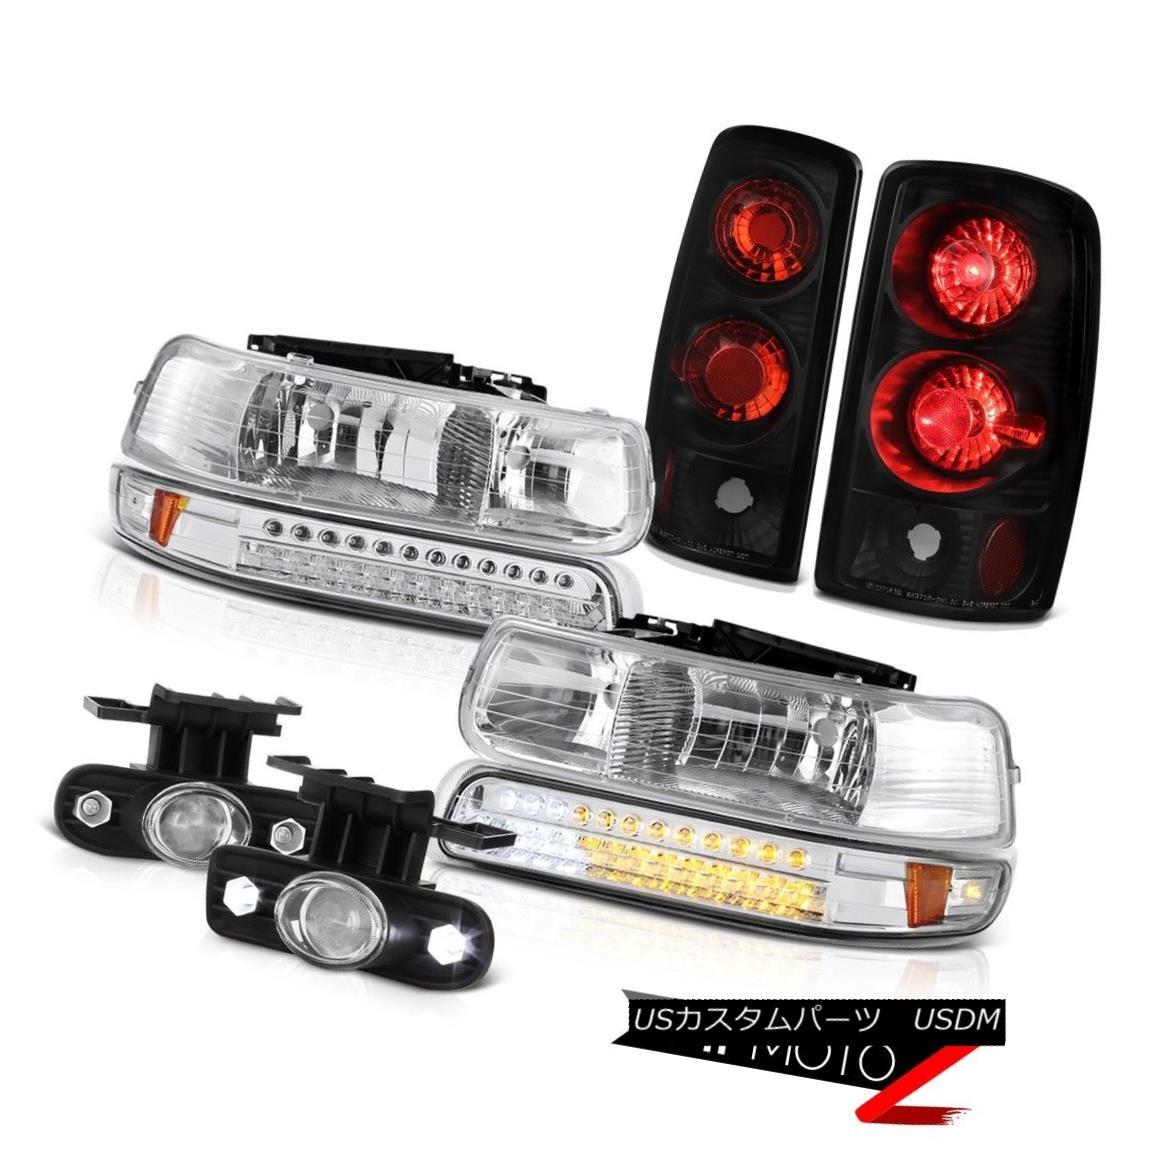 テールライト 04 05 06 Suburban LT LED Parking Headlights Rear Black Brake Lamps Projector Fog 04 05 06郊外のLT LEDパーキングヘッドライトリアブラックブレーキランププロジェクターフォグ